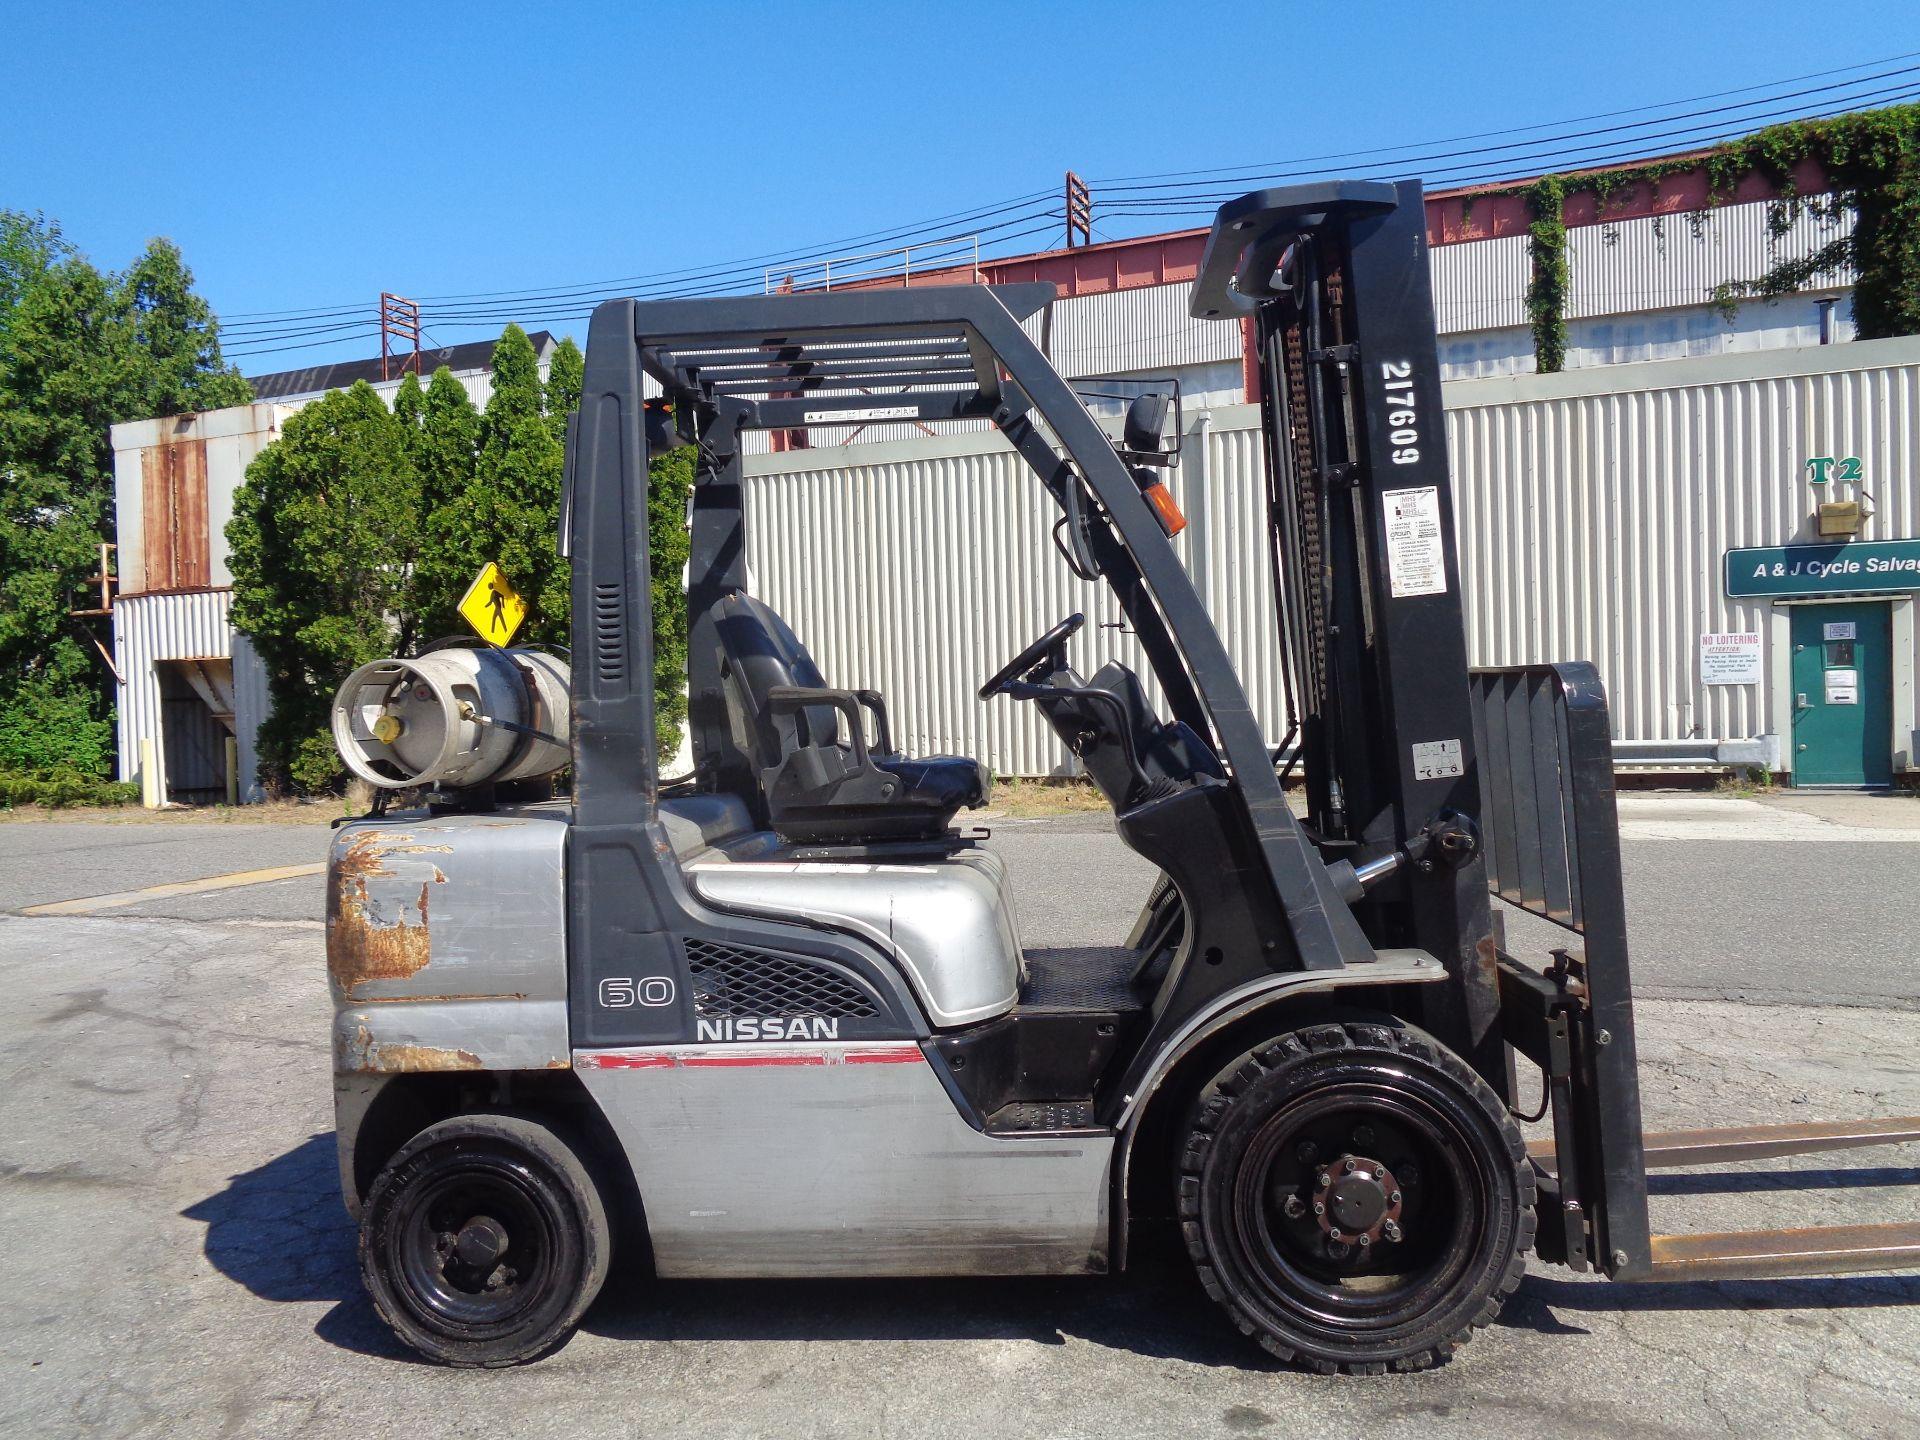 Nissan MUG1F2A30LV 6,000 lbs Forklift